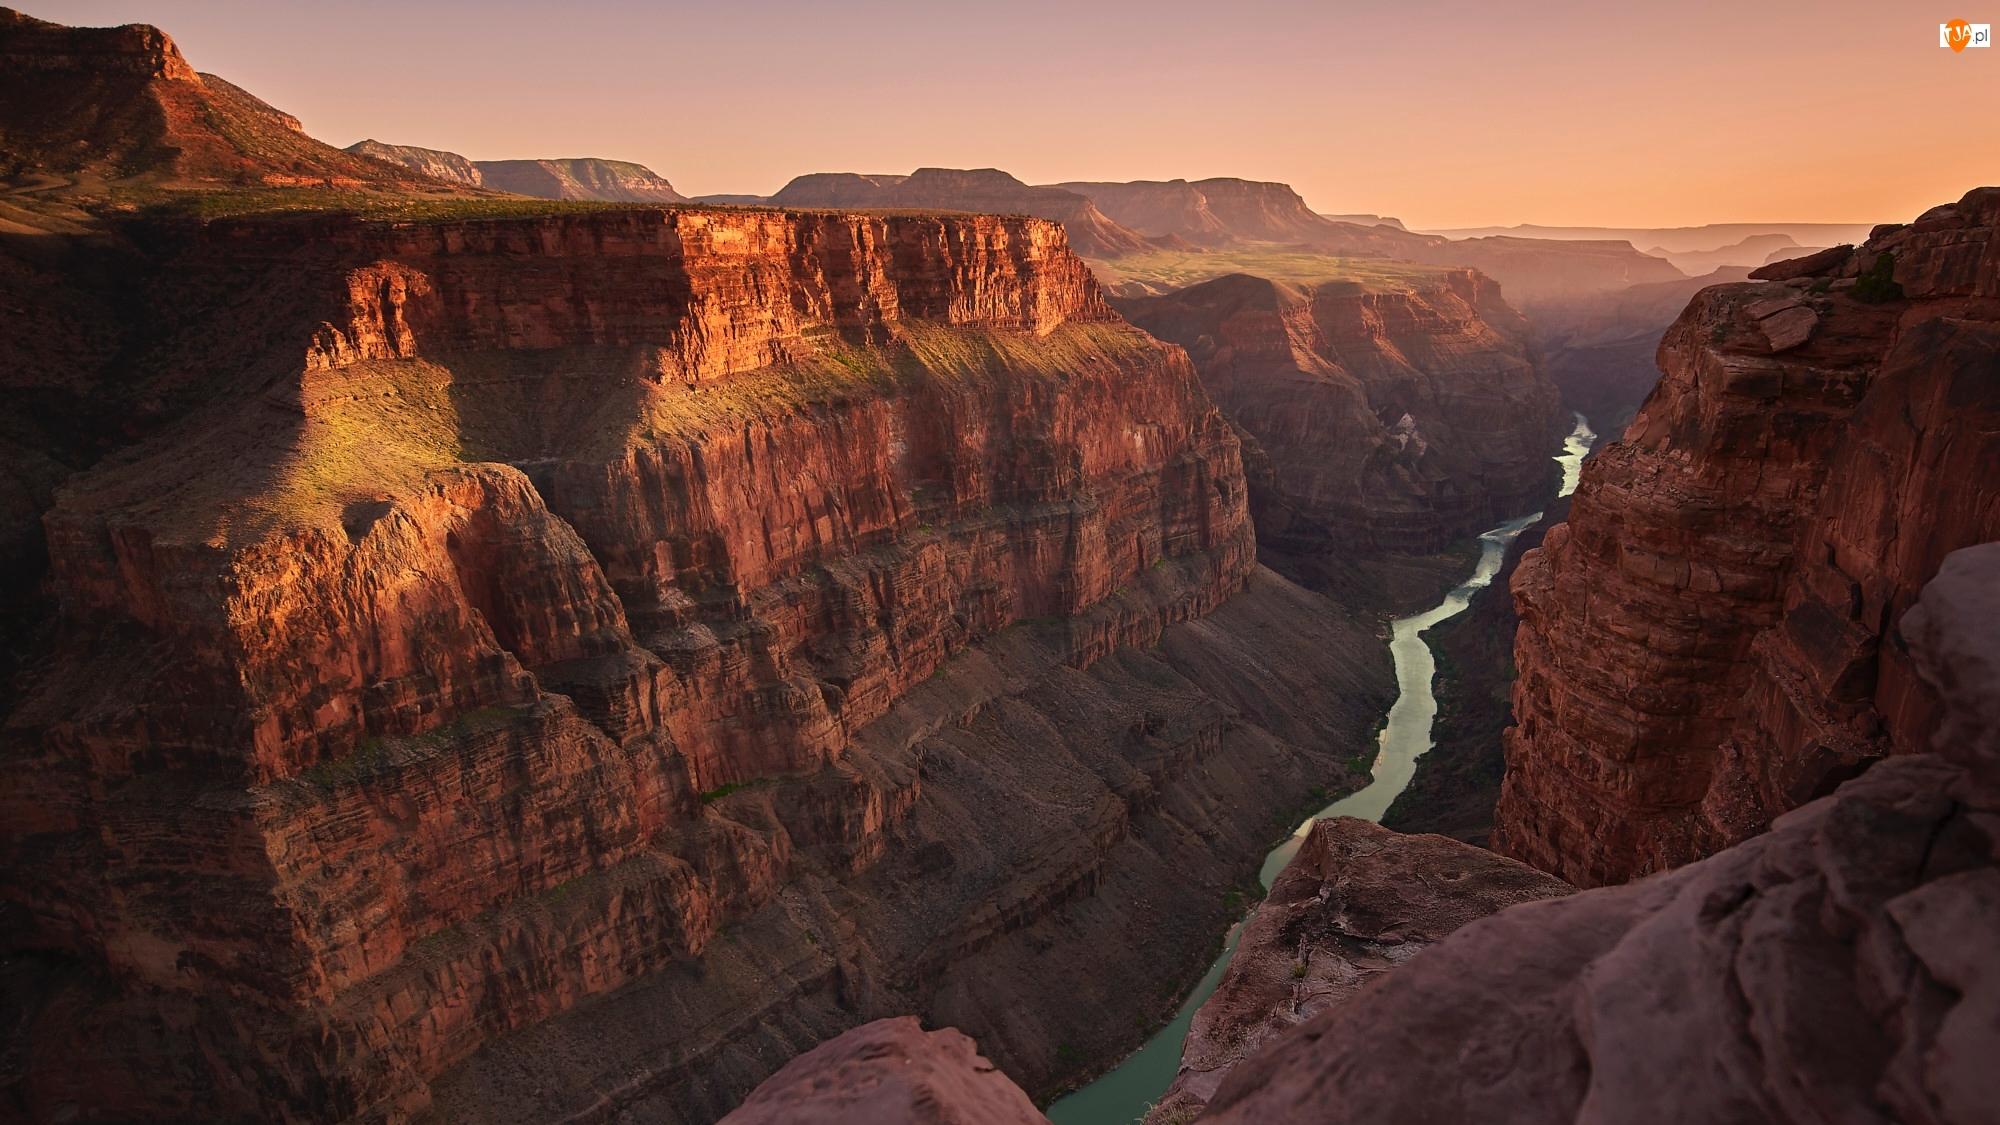 Wielki Kanion Kolorado, Rzeka Kolorado, Park Narodowy Wielkiego Kanionu, Stany Zjednoczone, Grand Canyon